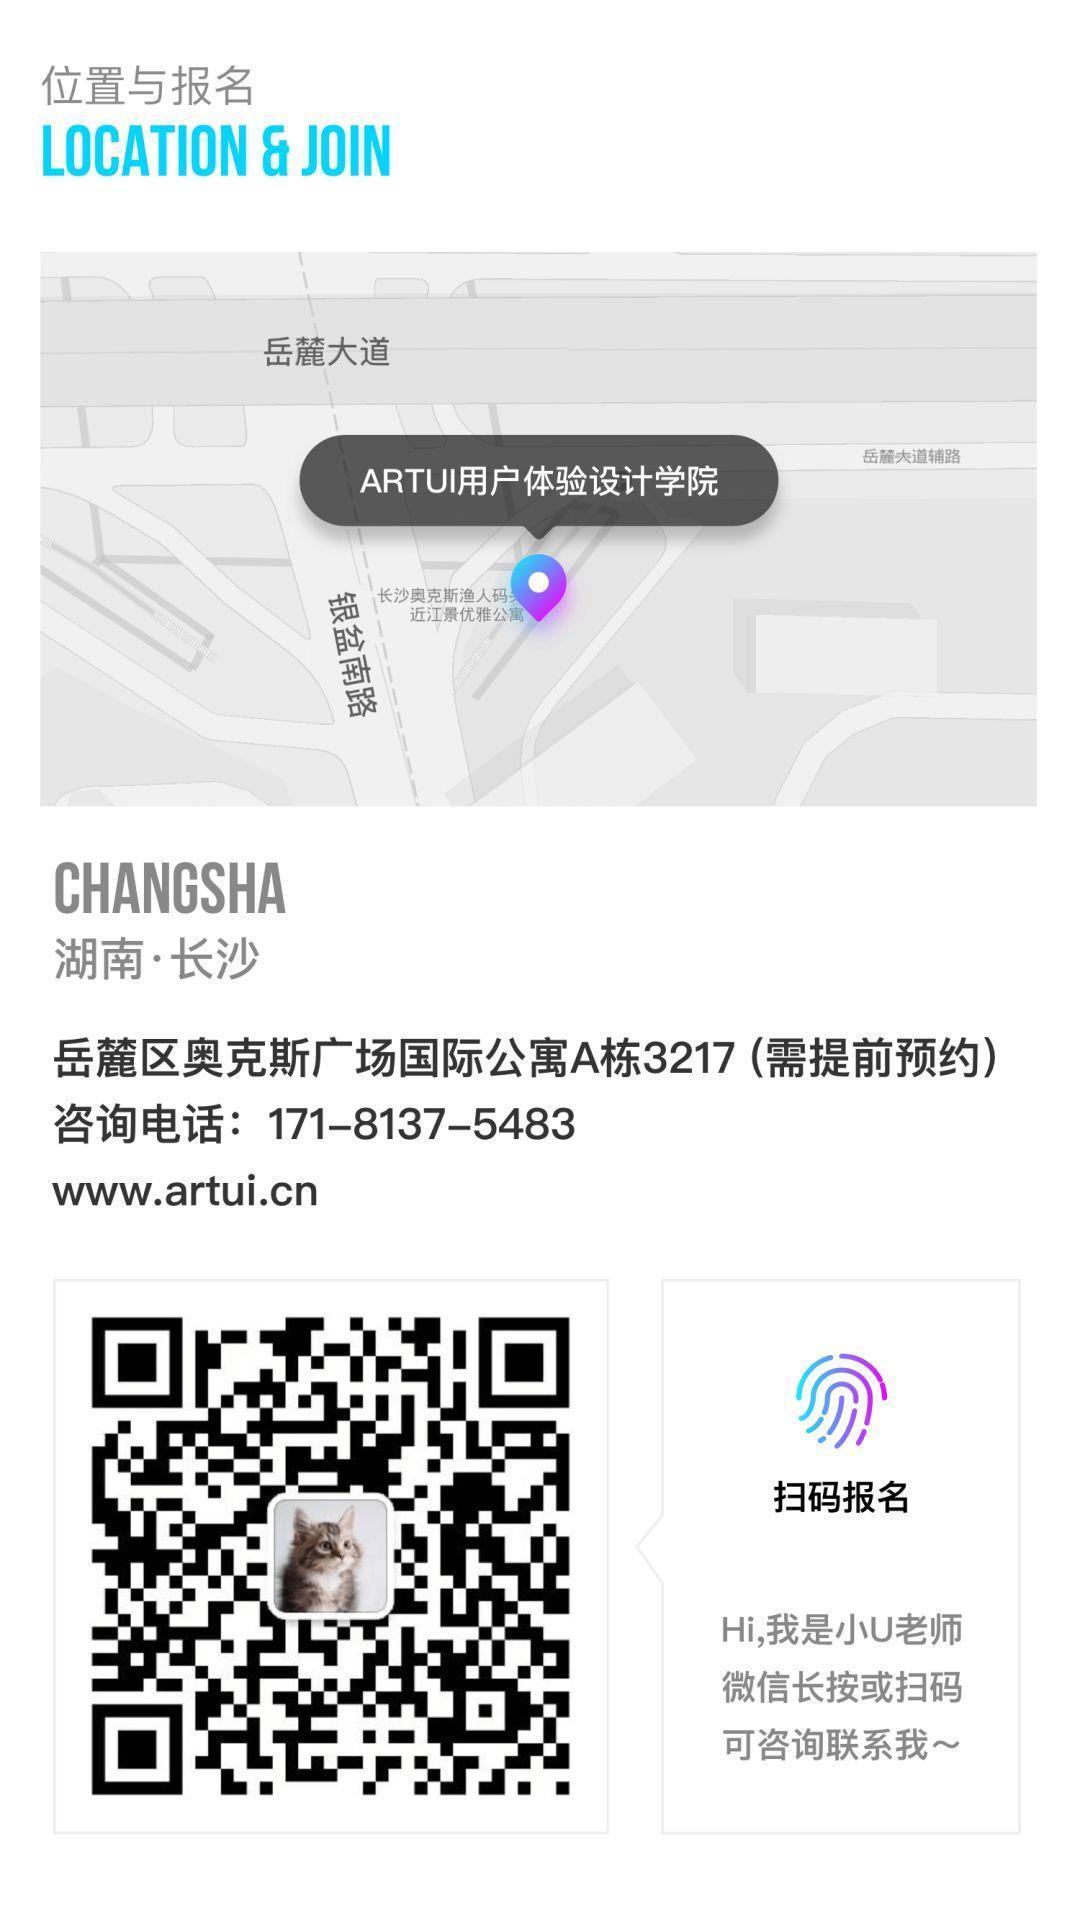 ARTUI湖南蜂匠信息UX设计师·罗紫玲